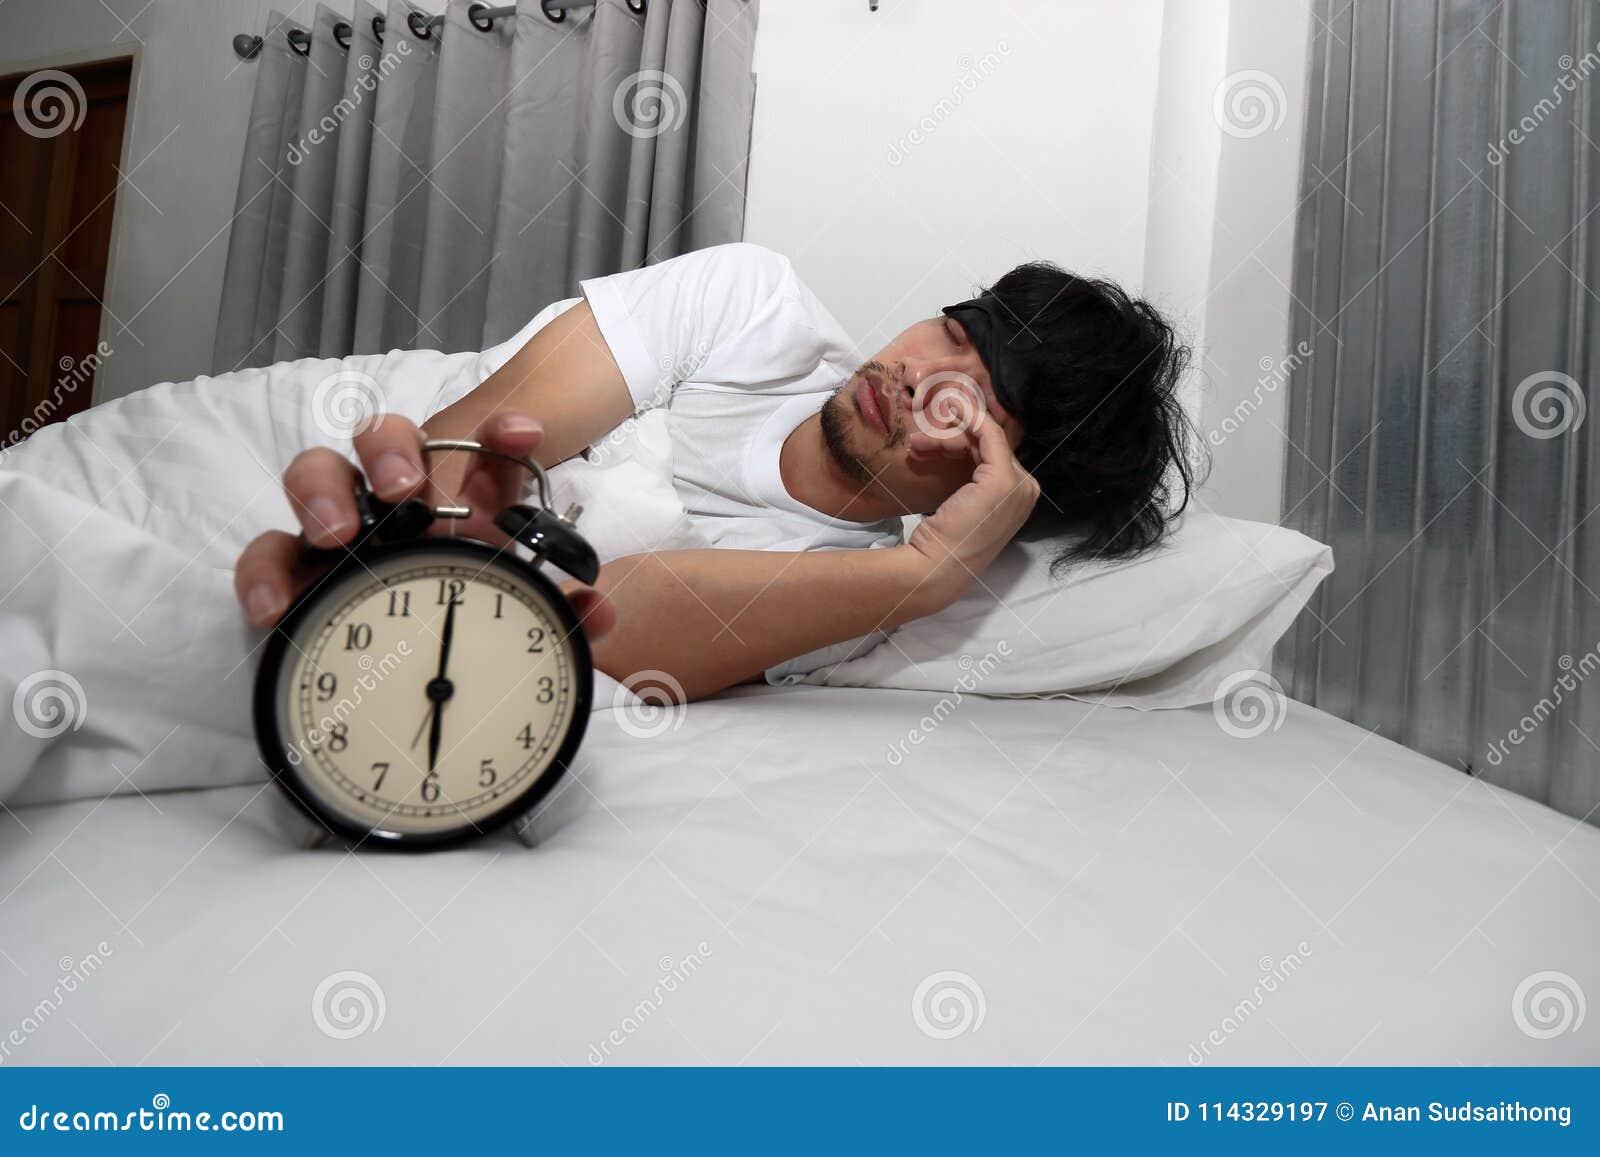 有眼罩的年轻亚裔人叫醒并且停止在床上的闹钟